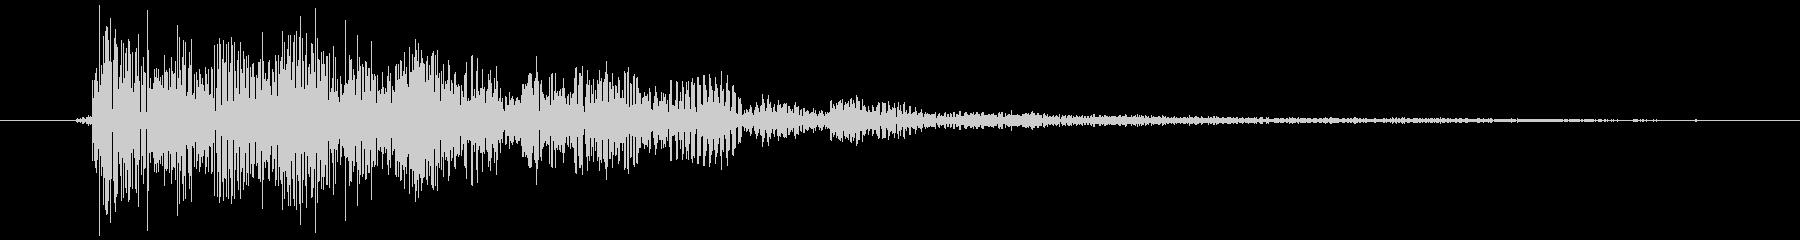 エラー音的な「ビョン」の未再生の波形